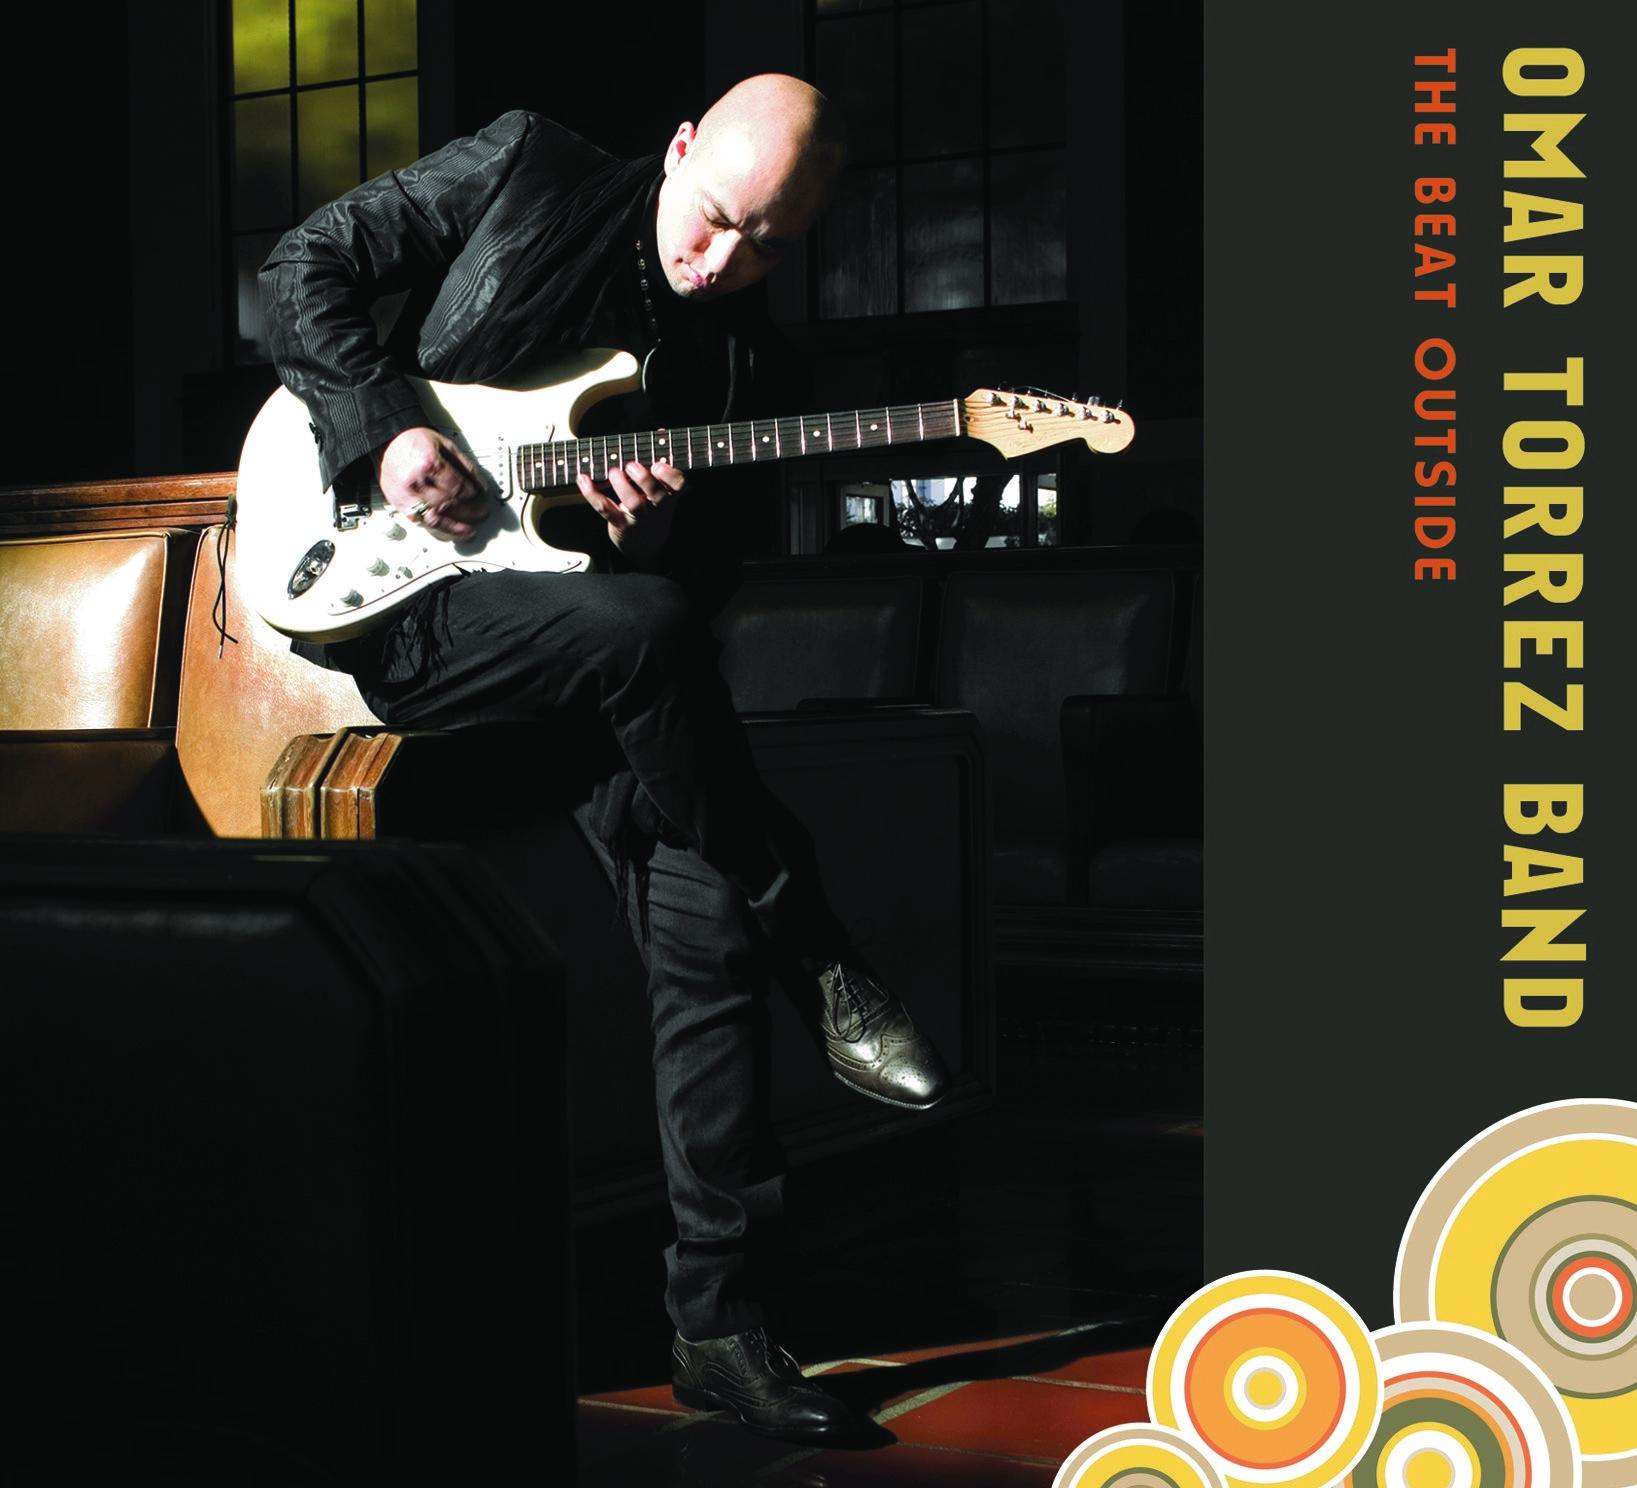 http://www.omartorrez.com/presskit/Omar_Torrez-BeatOutside_CD_Cover-CMYK-300dpi-1637.jpg